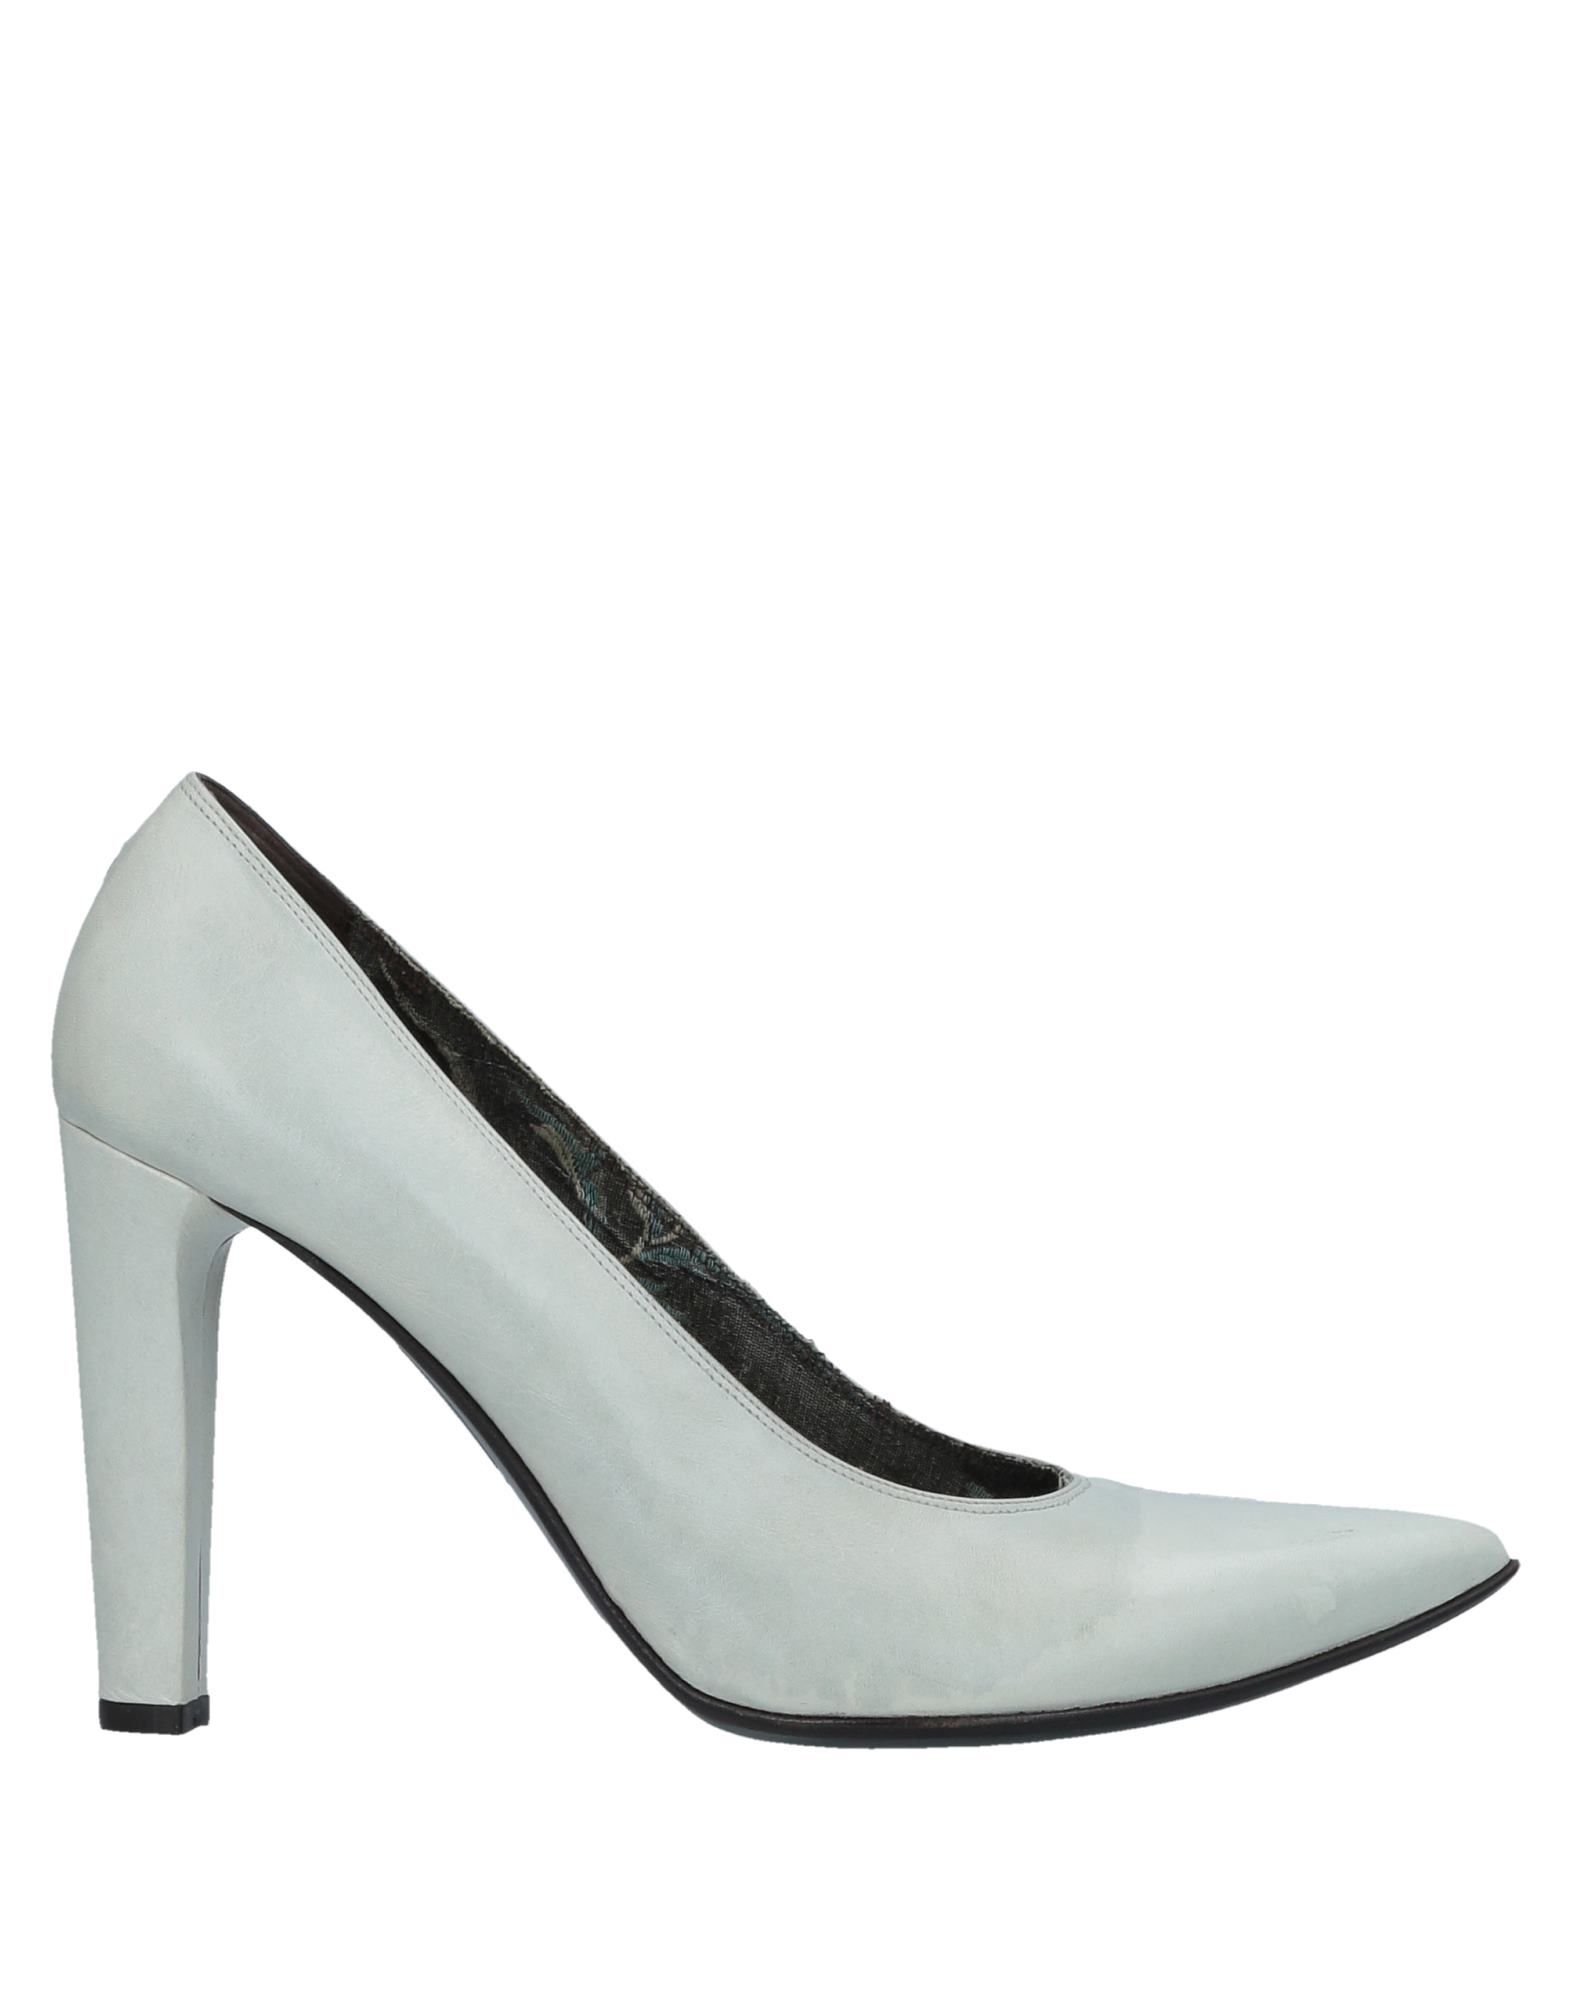 Gianni Barbato Pumps Schuhe Damen  11534279MU Beliebte Schuhe Pumps 86f09b